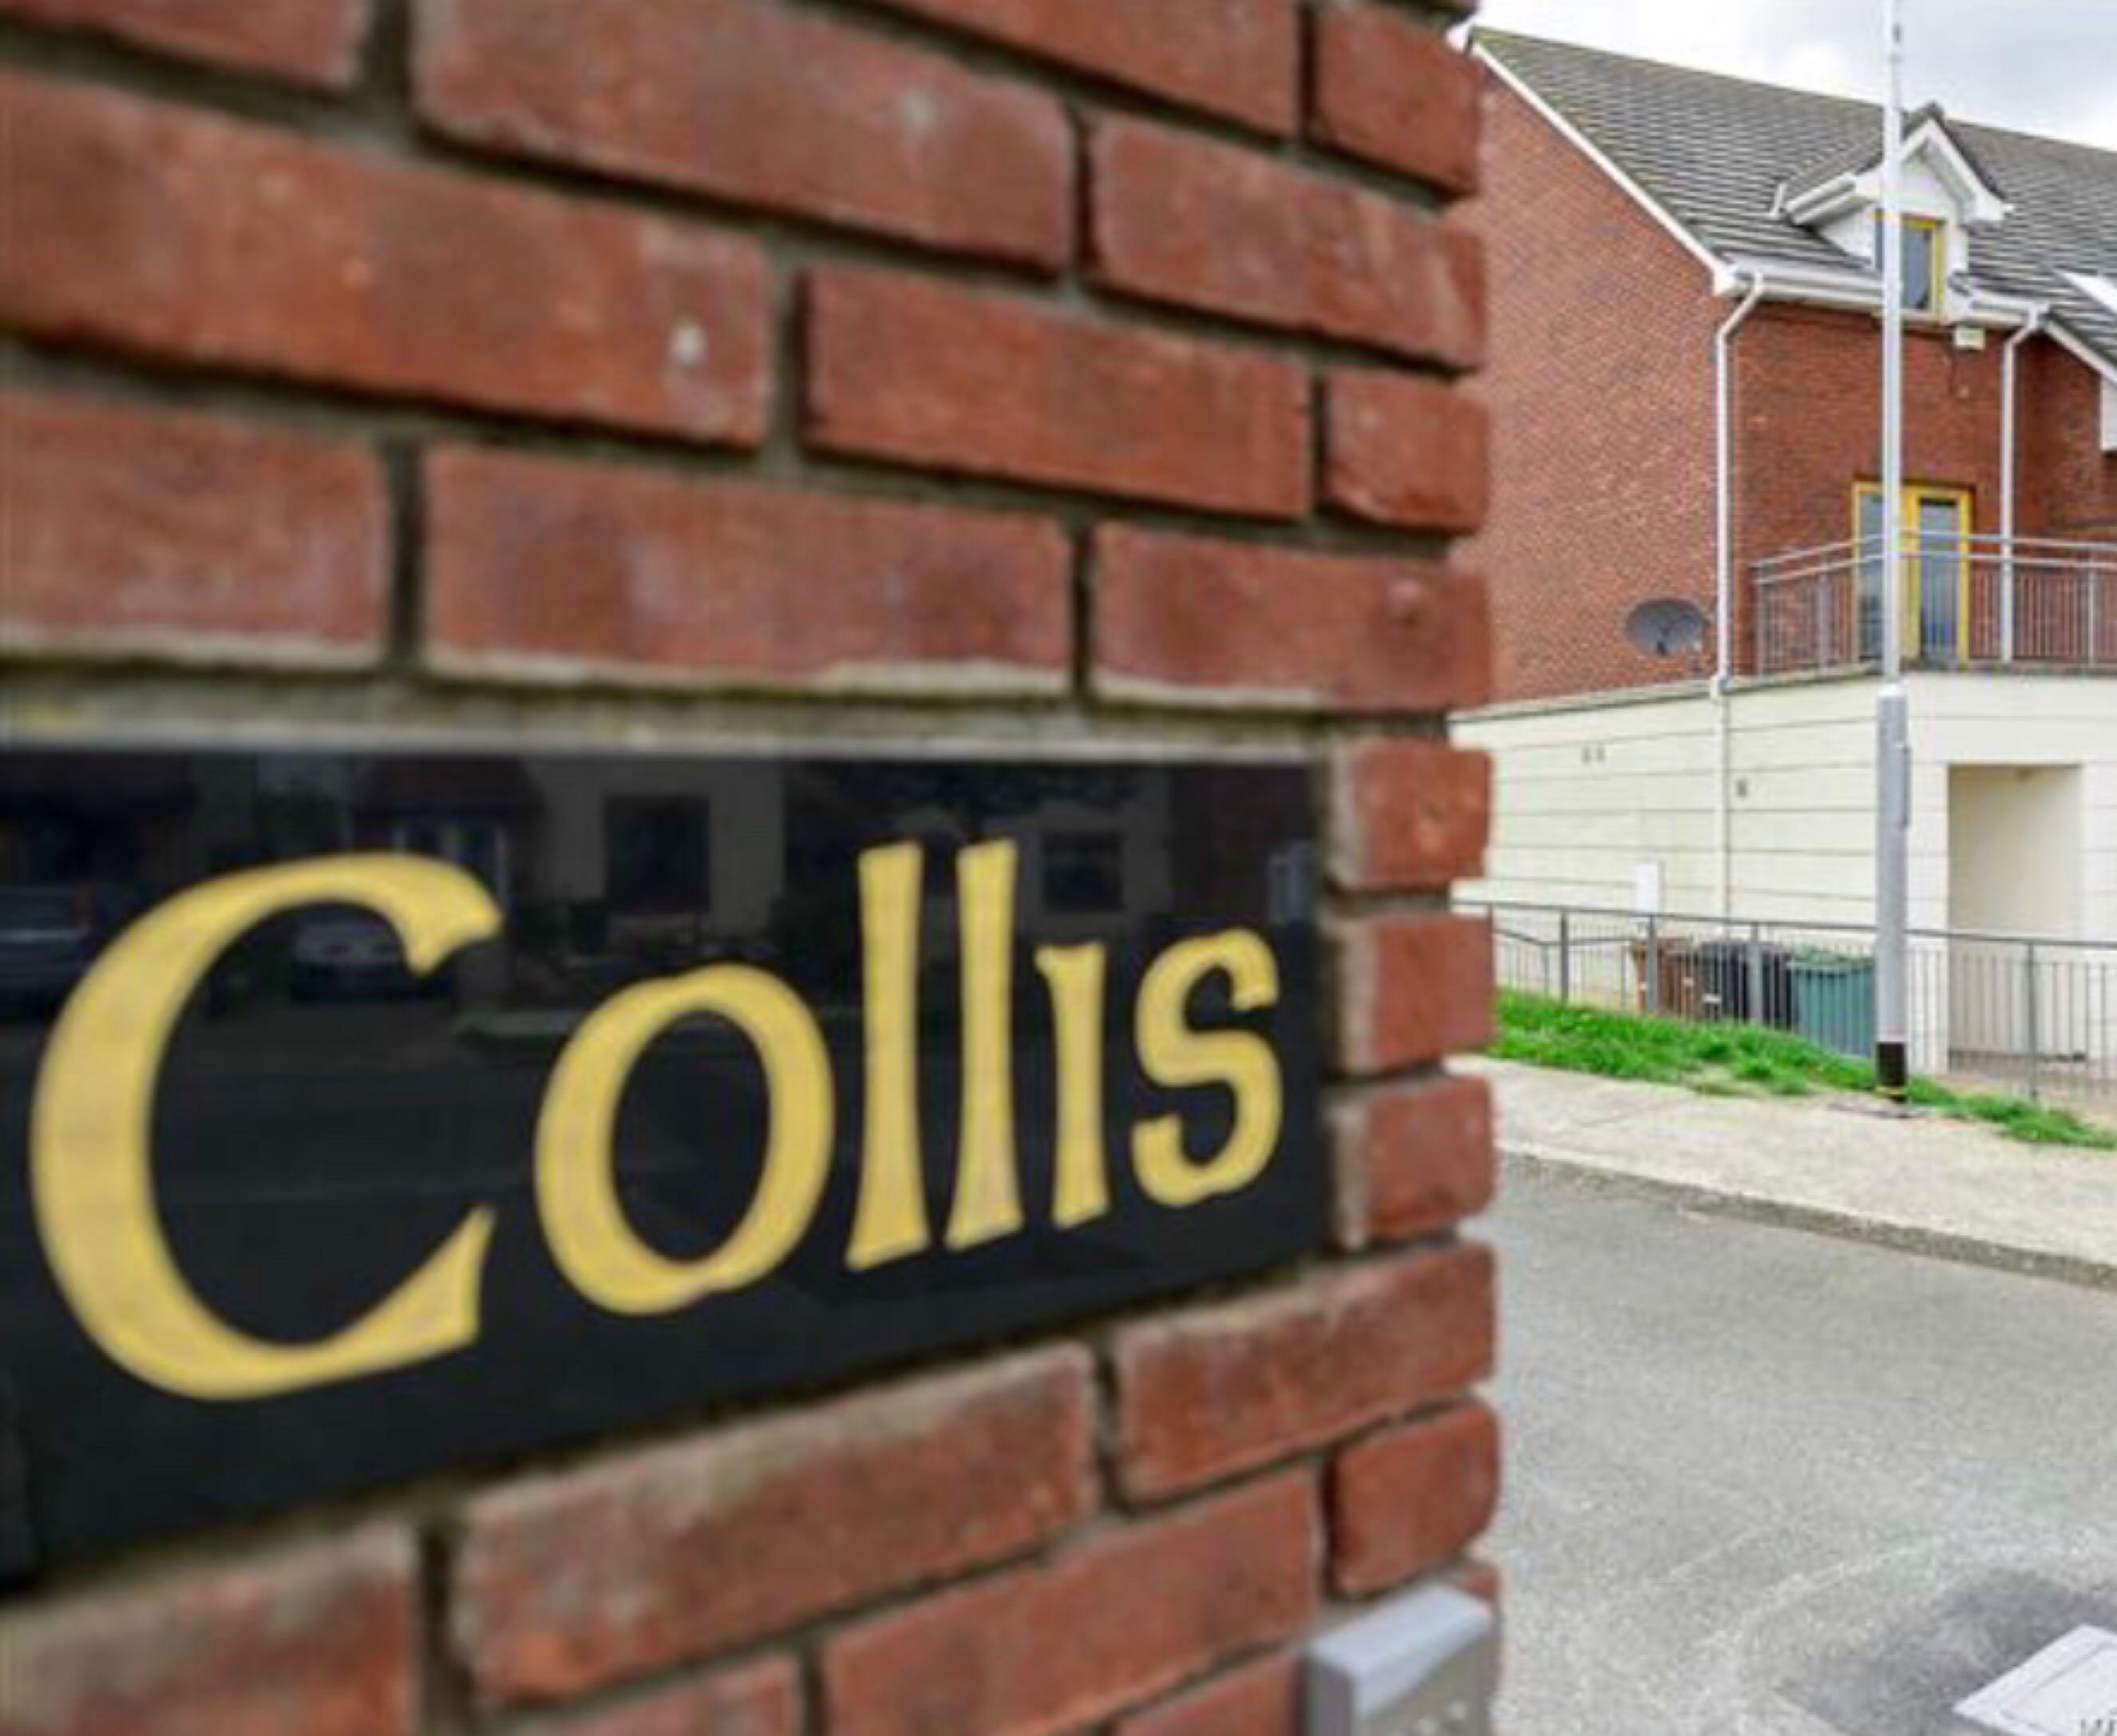 Collis Court, Jugback Lane, Swords, Co. Dublin